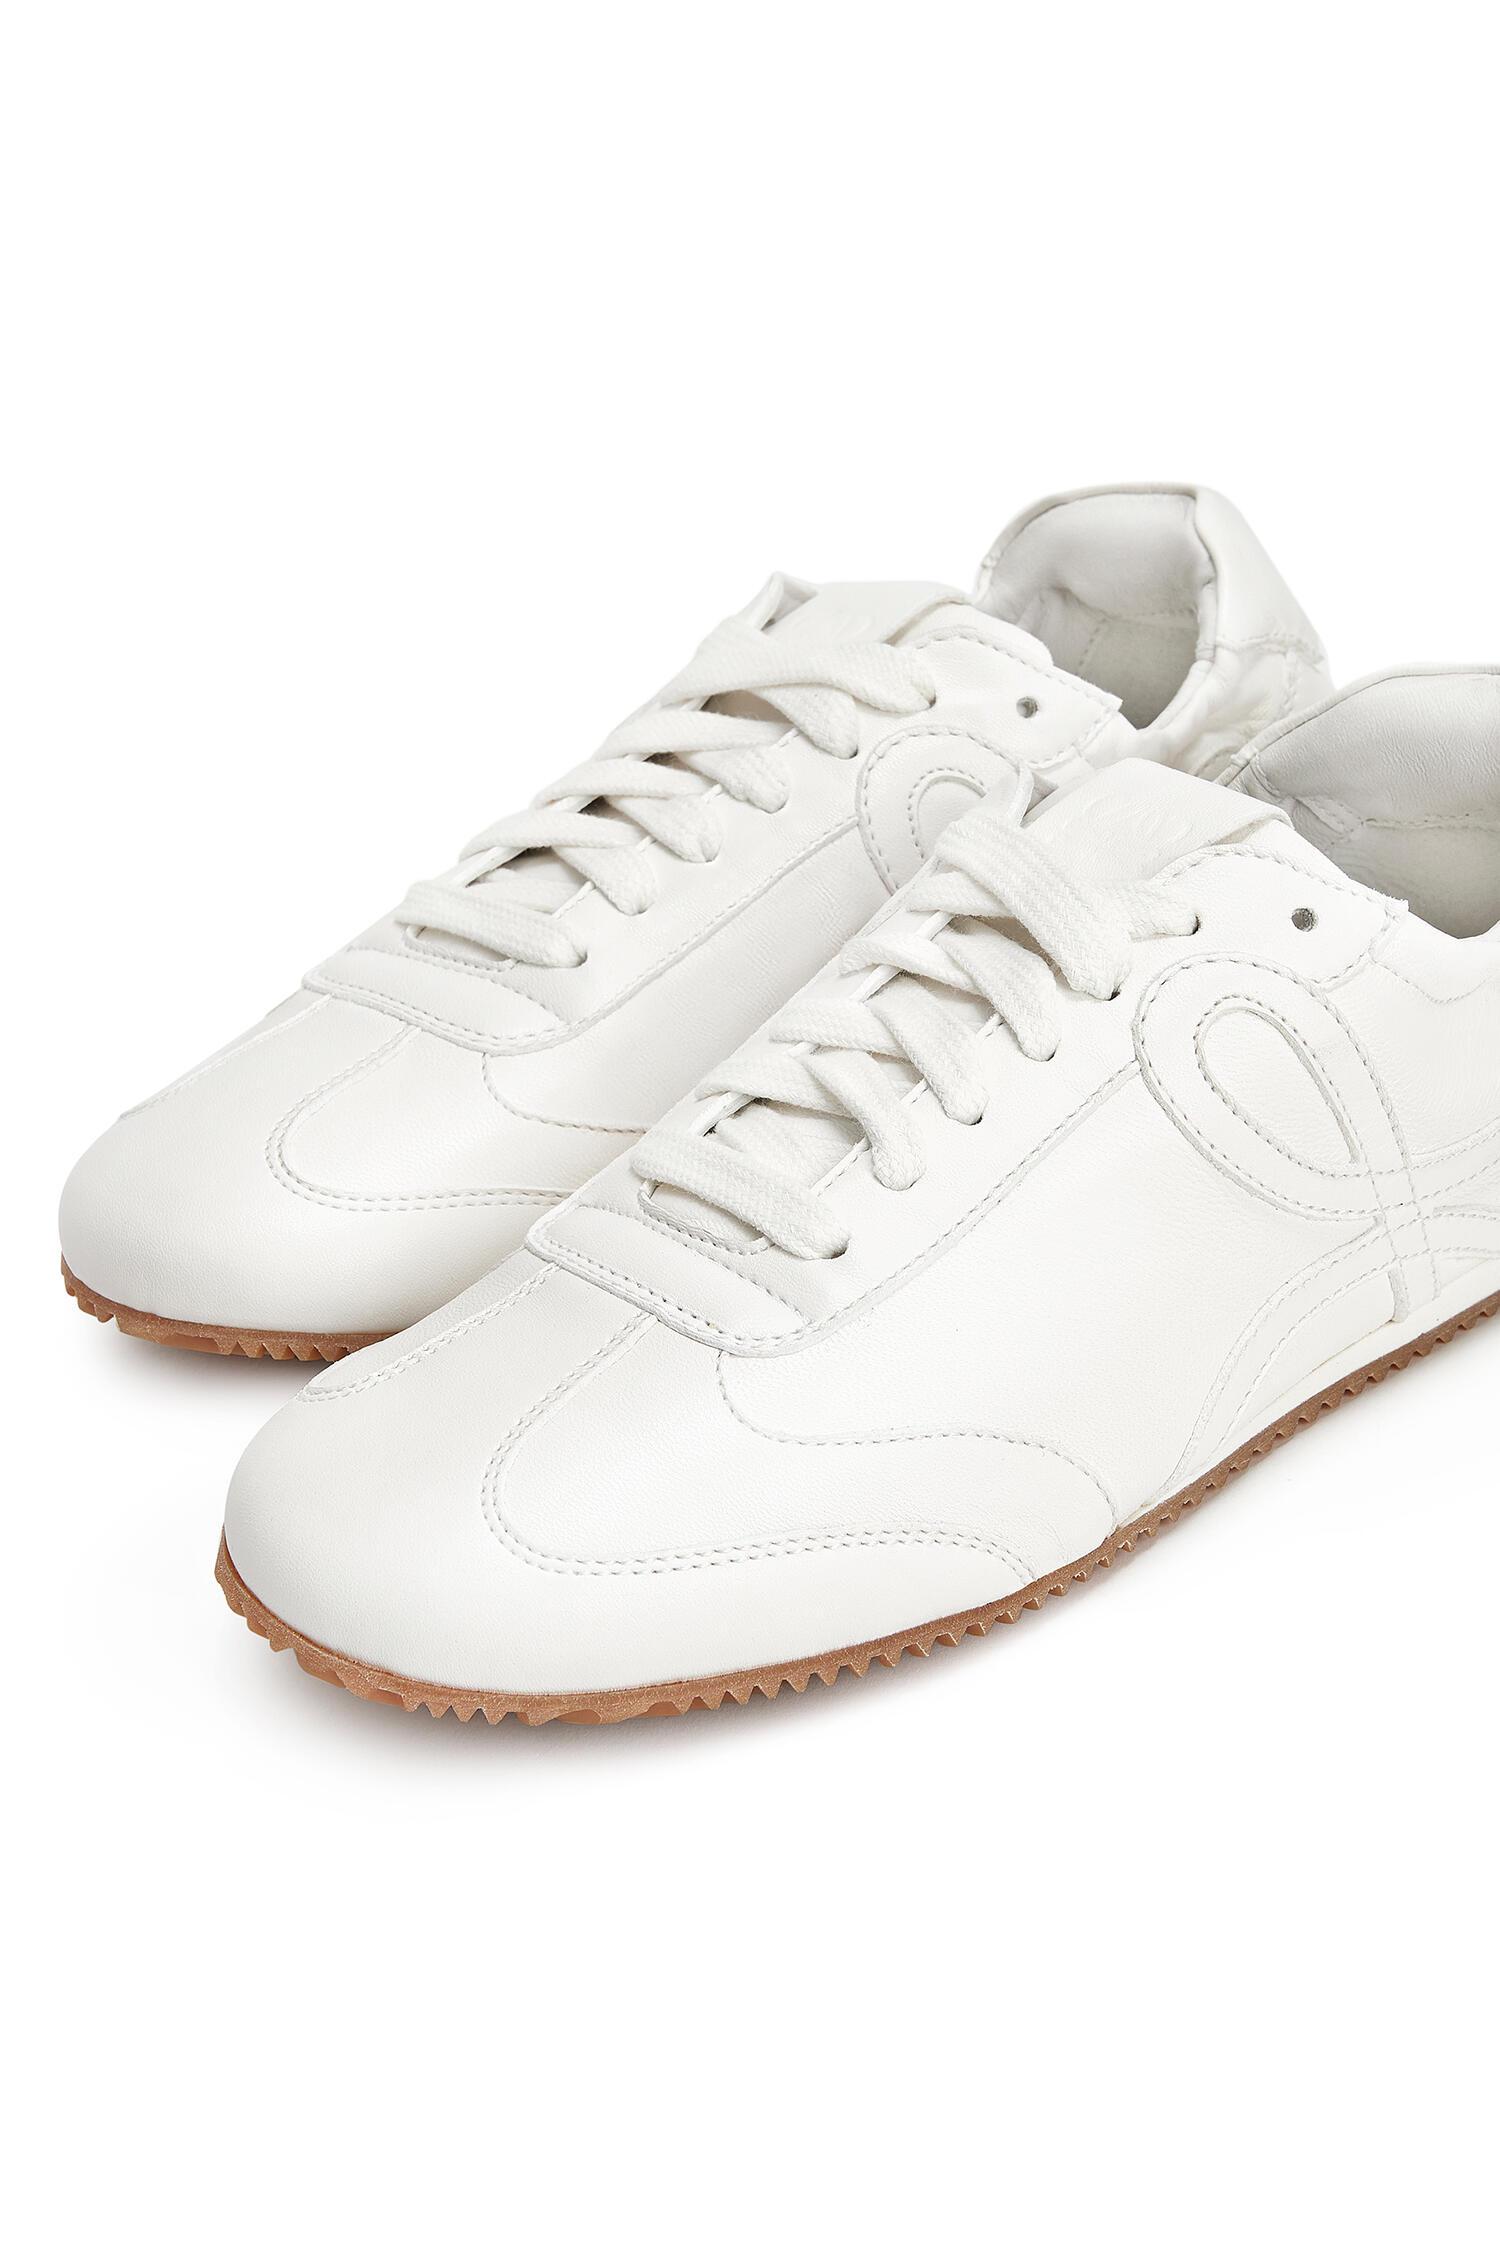 1. kép: LOEWE sneaker